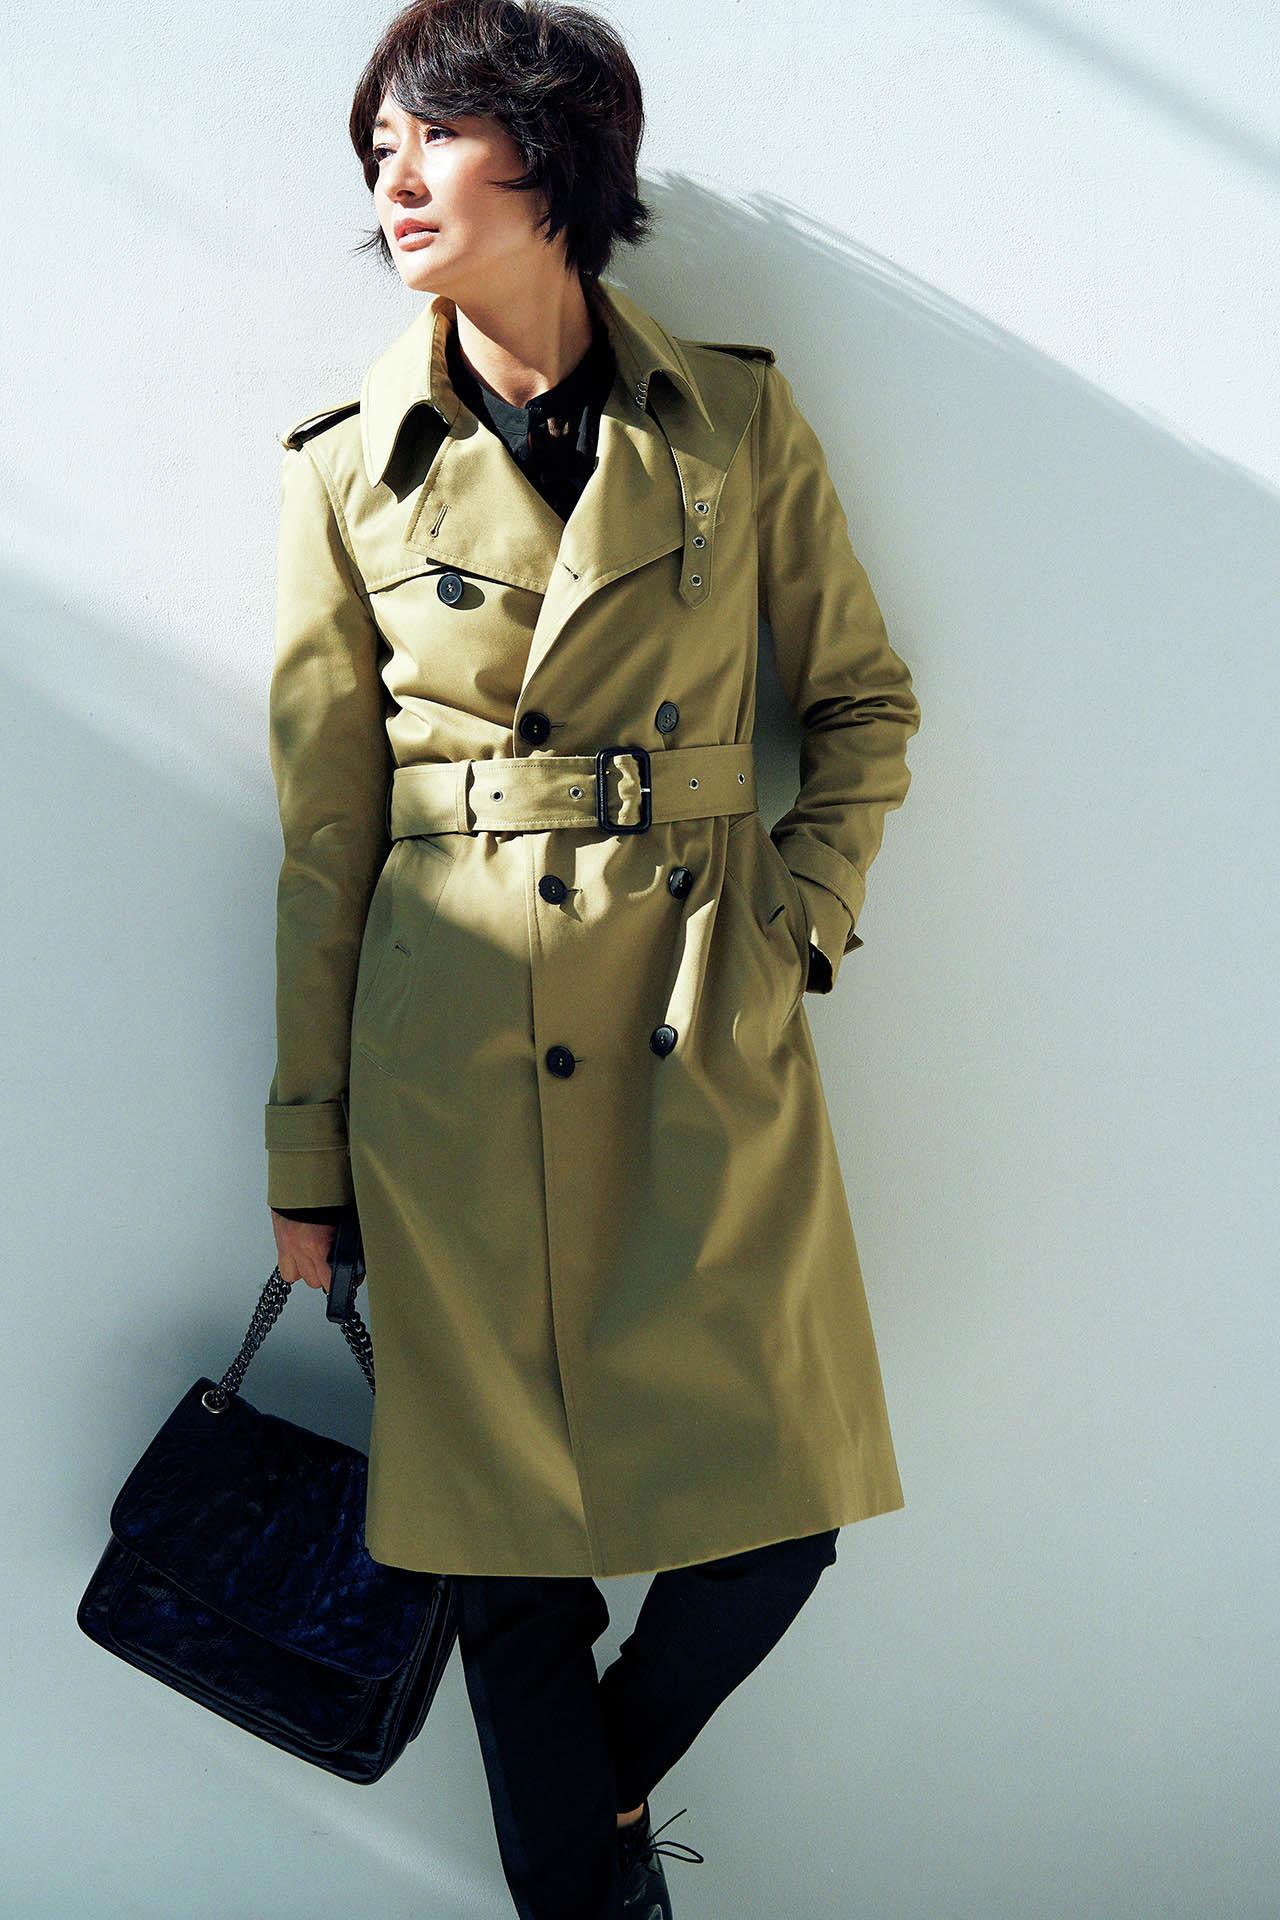 これが最後と思える一着を探して。富岡佳子の 「上がり」のトレンチ 五選_1_1-1